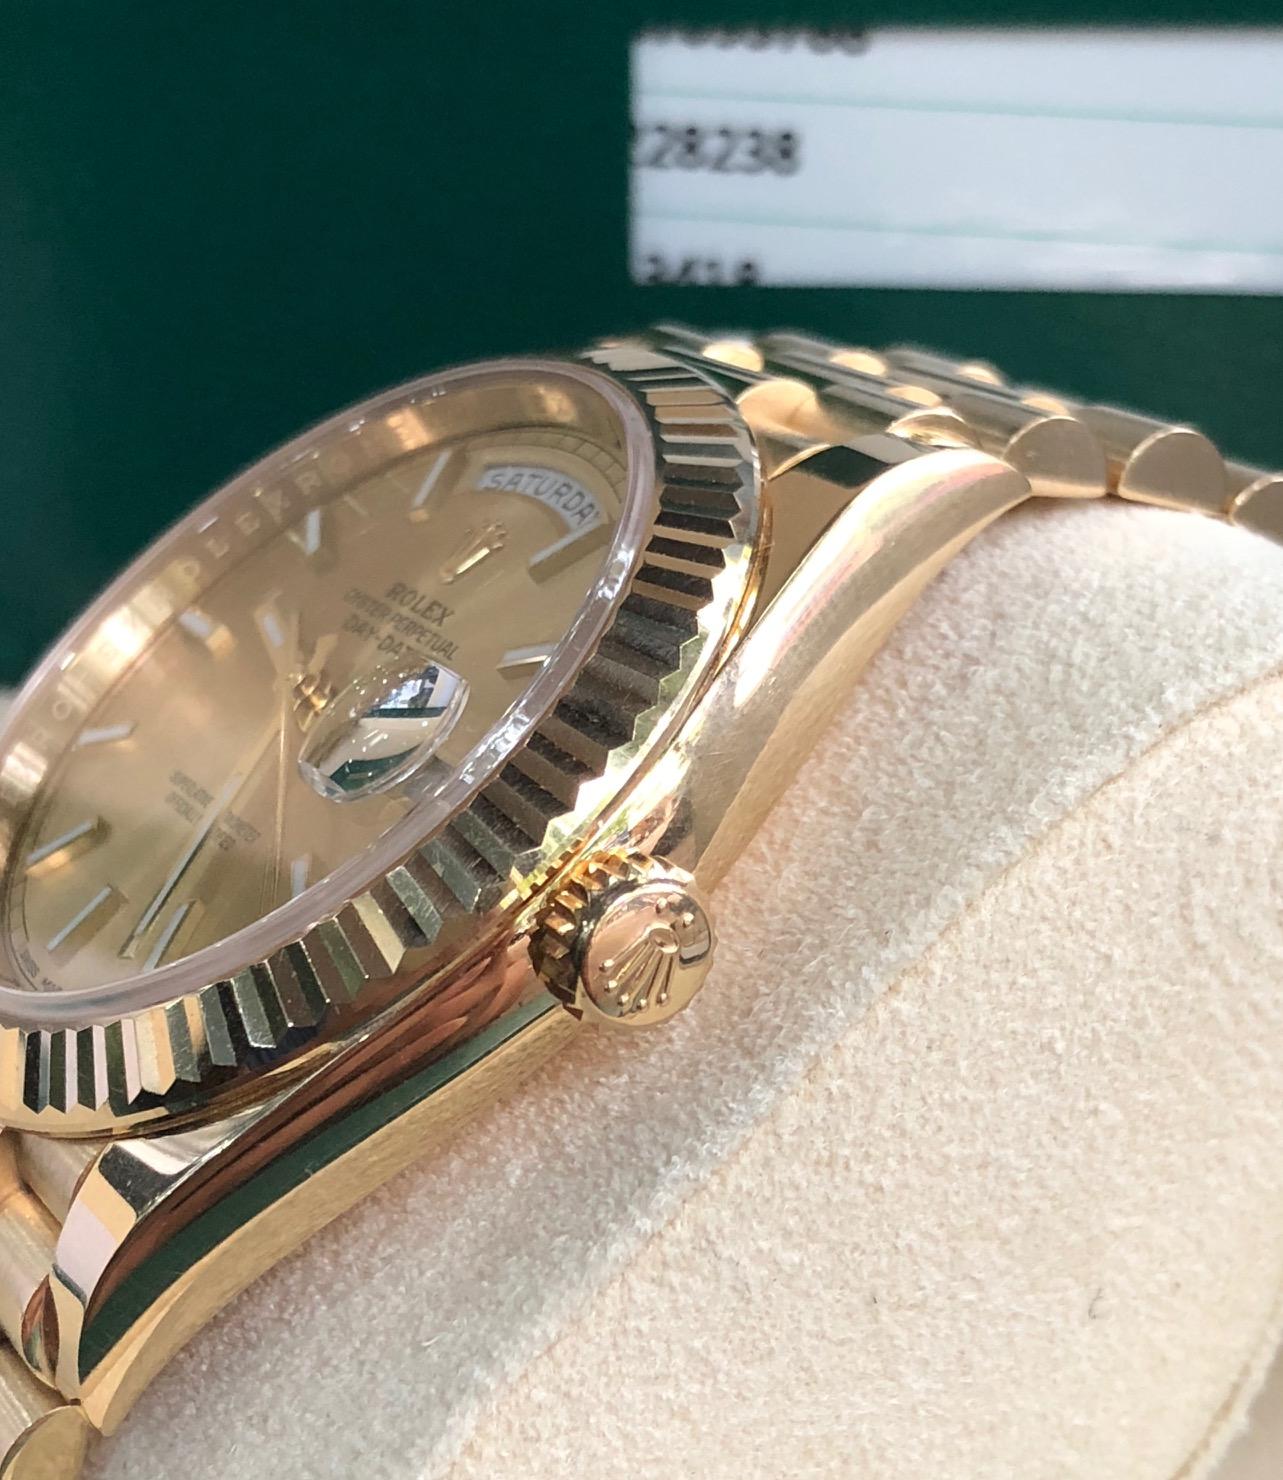 Rolex 228238 day-date vàng hồng sản xuất 07.2018